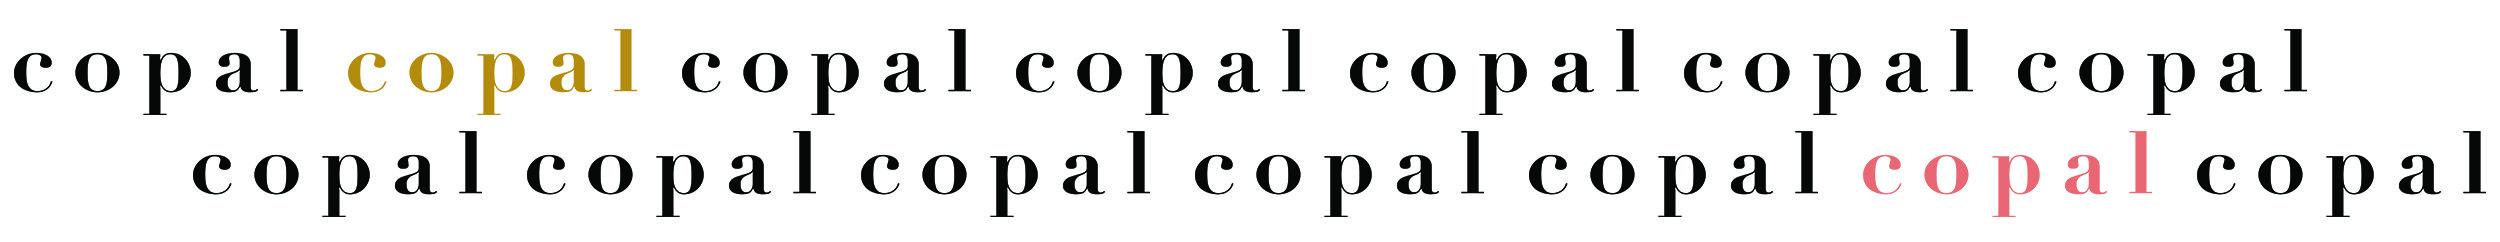 Copal Logo Repeat